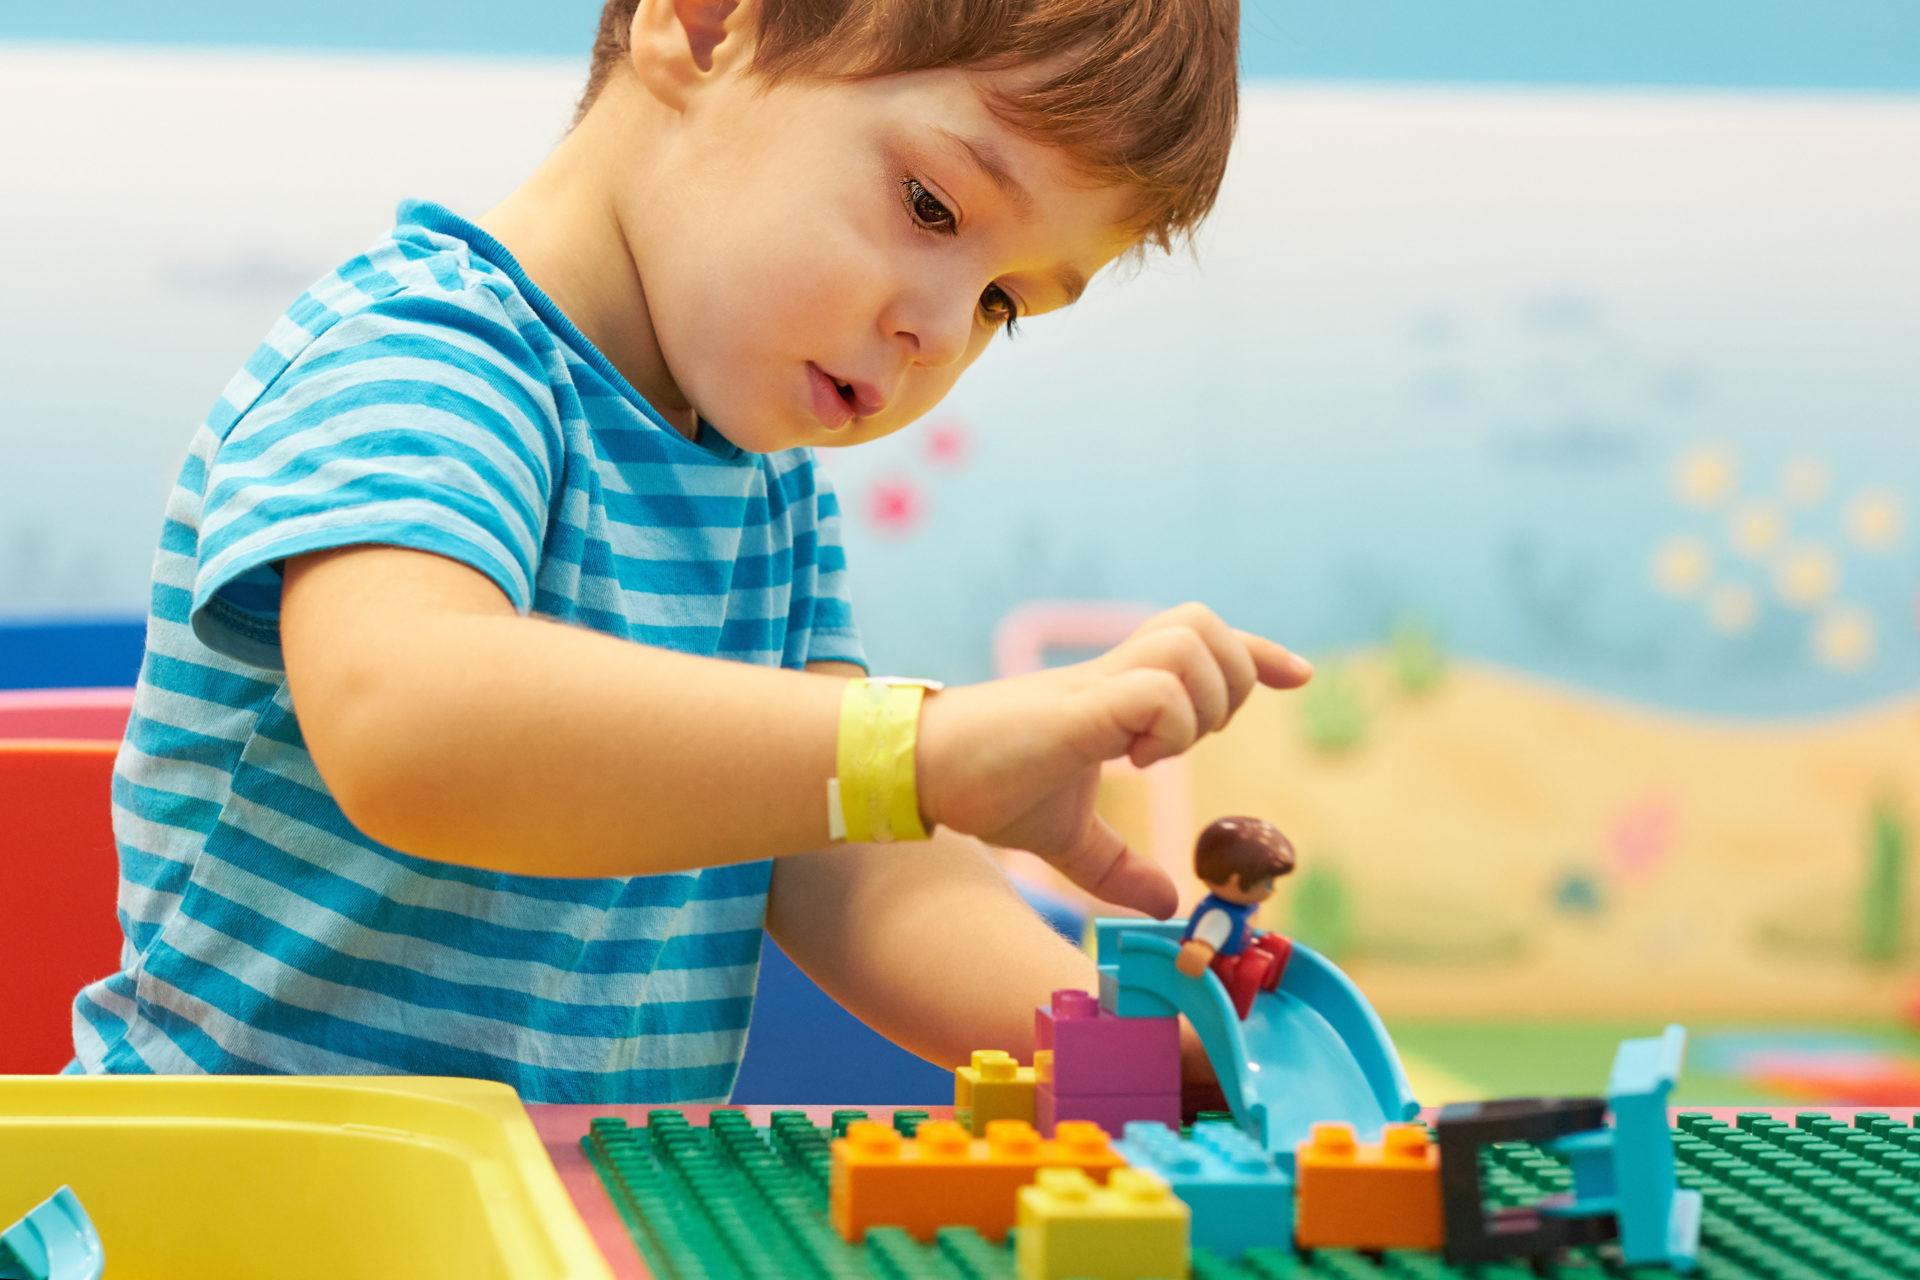 Jeu, Jouet Enfant - Jeu Enfant 2 Ans, 3 Ans, 4 Ans Et 5 Ans à Jeux Pour Garçon 5 Ans